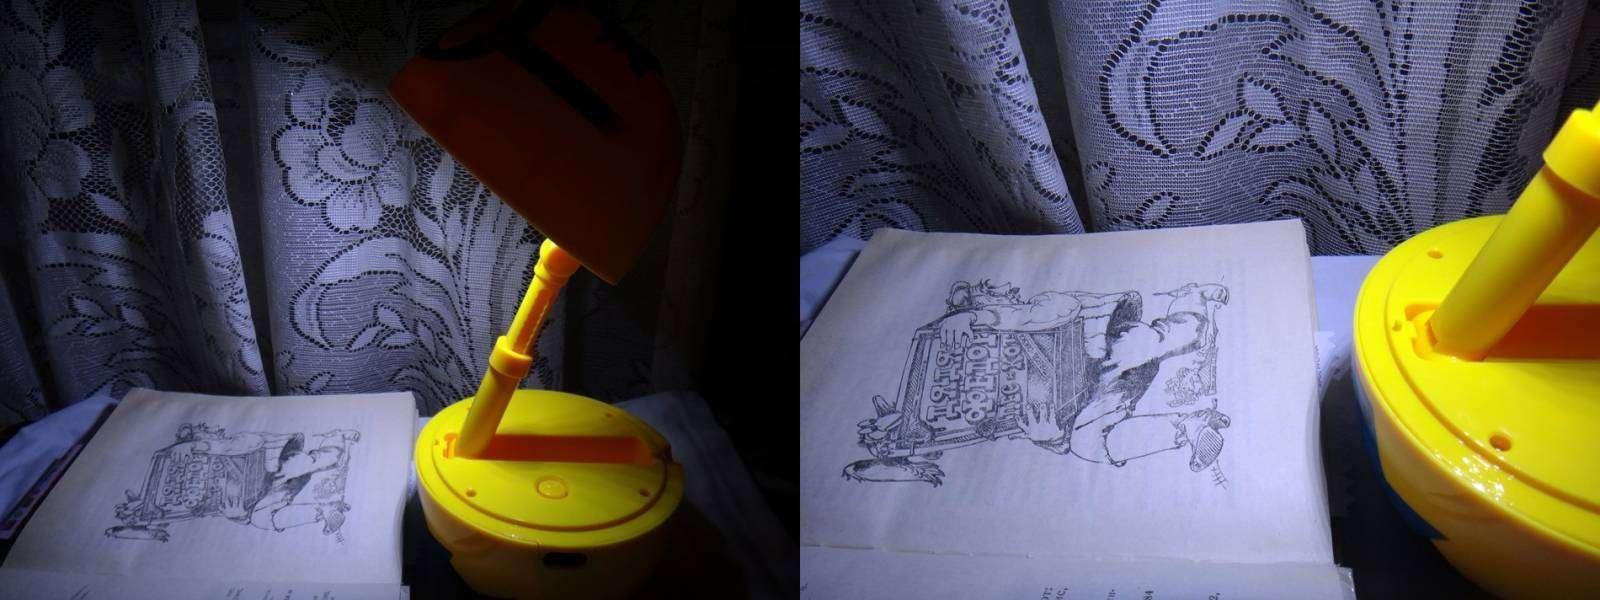 GearBest: Обзор детской настольной лампы-ночника в виде Миньона.